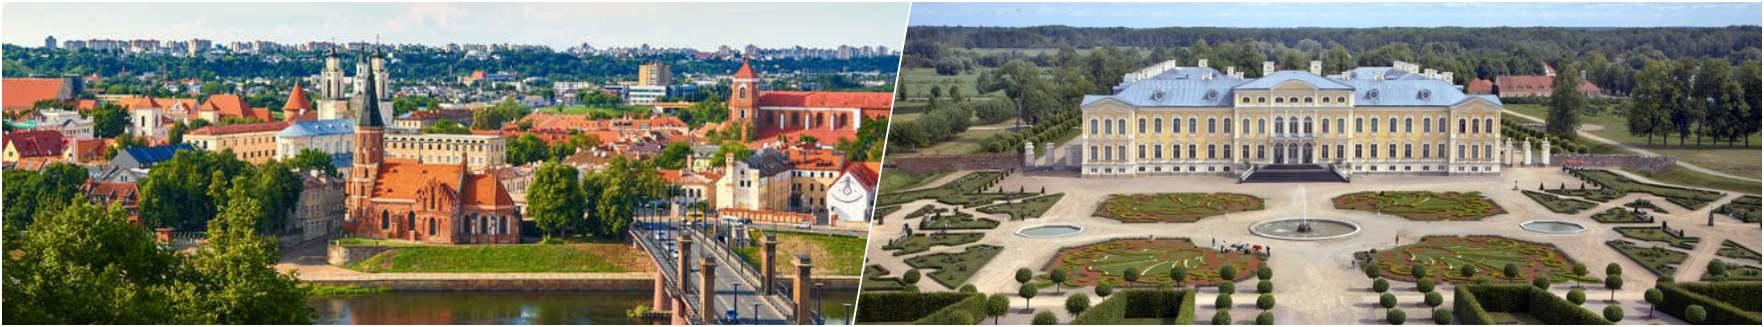 Kaunas - Rundale Palace